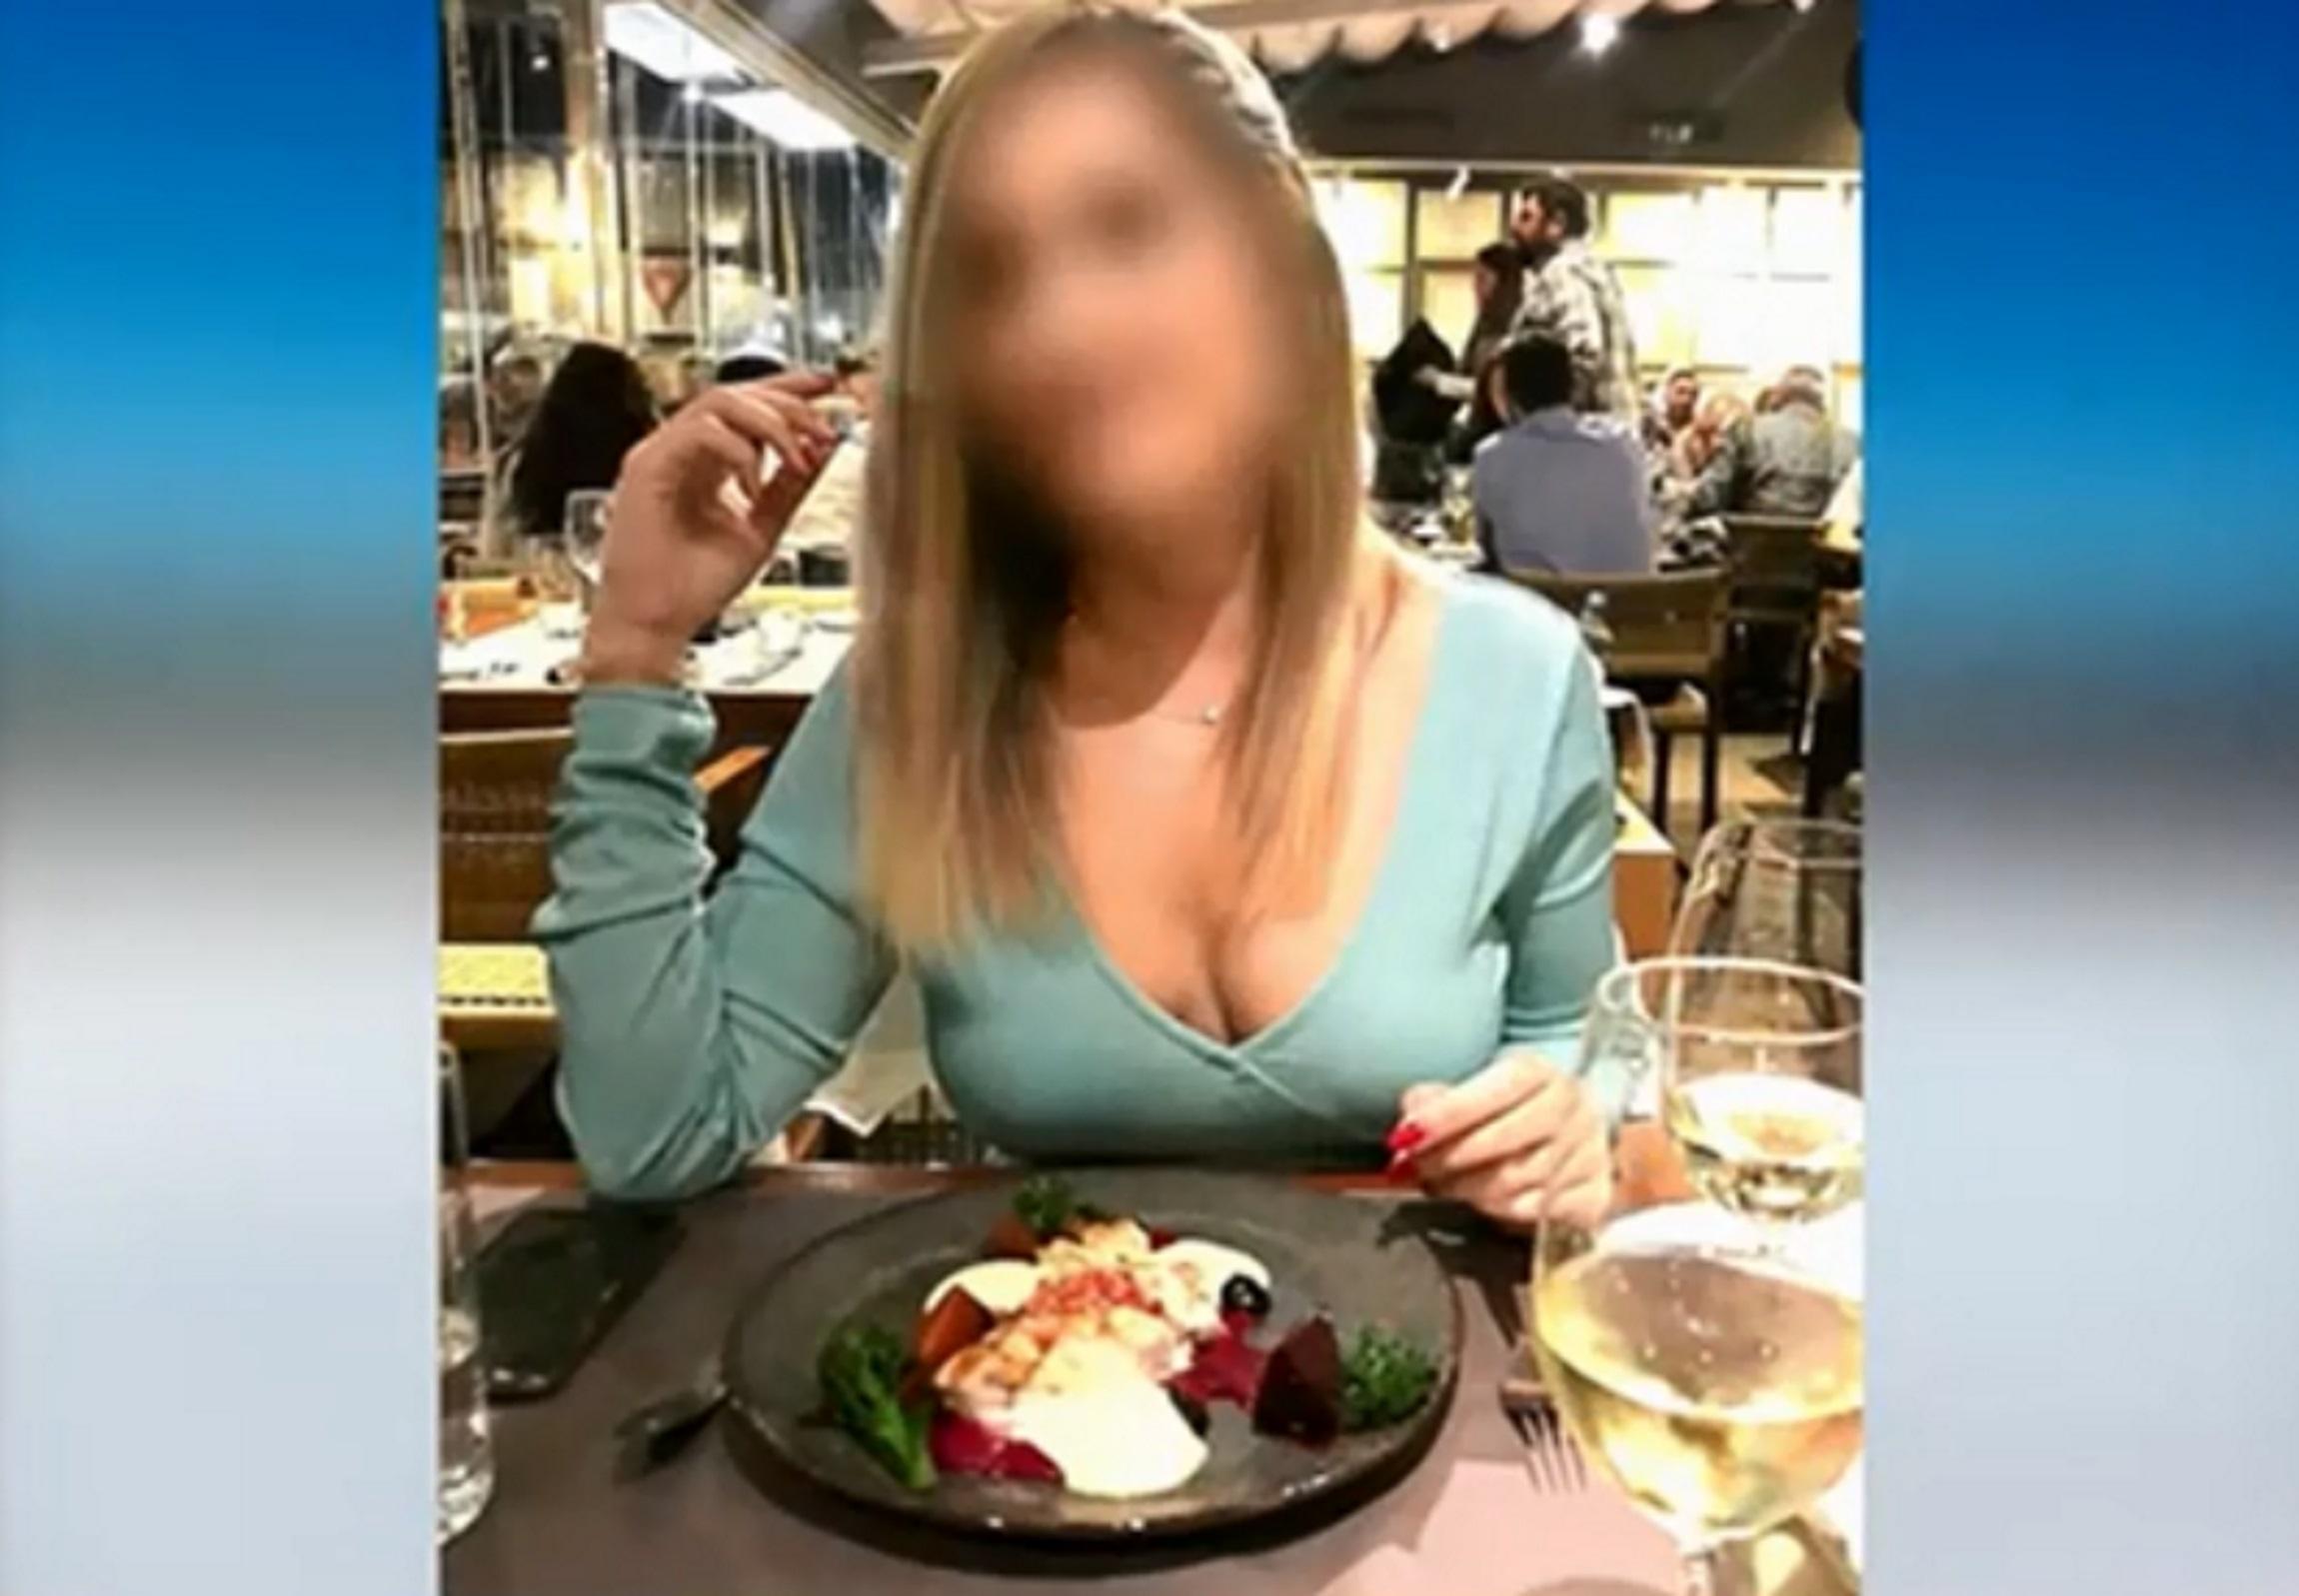 Επίθεση με βιτριόλι: Την ξέρουν και ετοιμάζονται να της φορέσουν χειροπέδες!